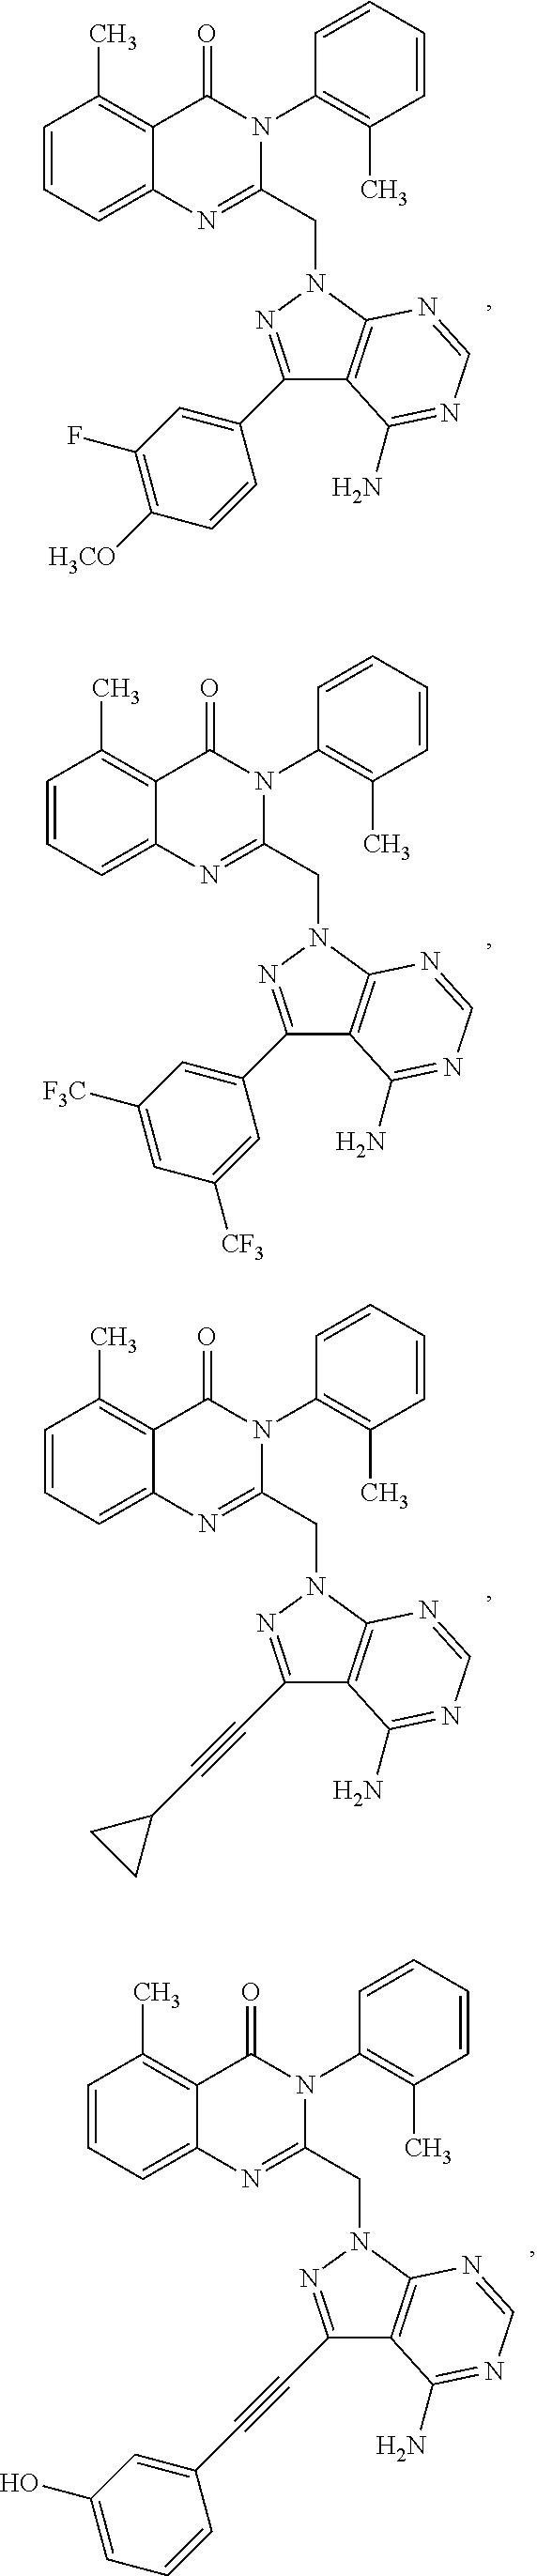 Figure US09493467-20161115-C00046